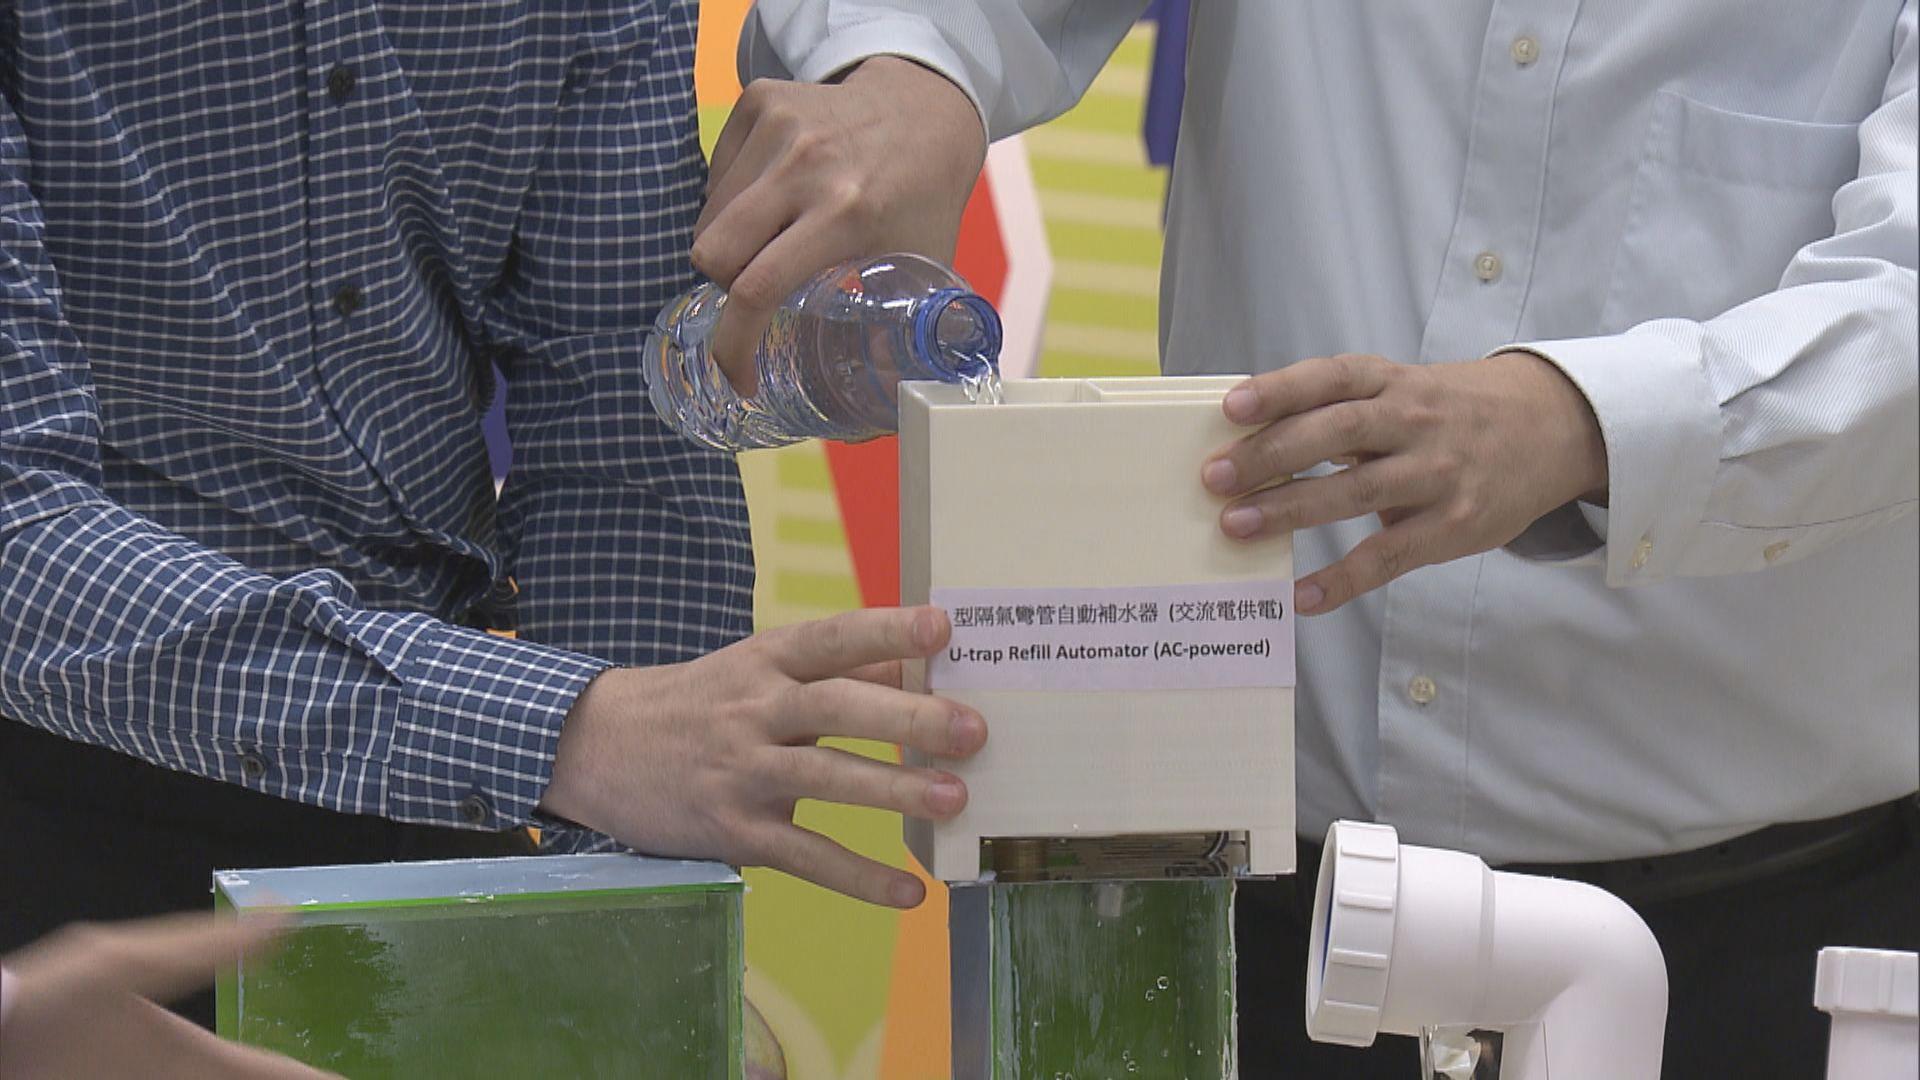 學生設計U型水管自動補水器 盼方便長者抗疫